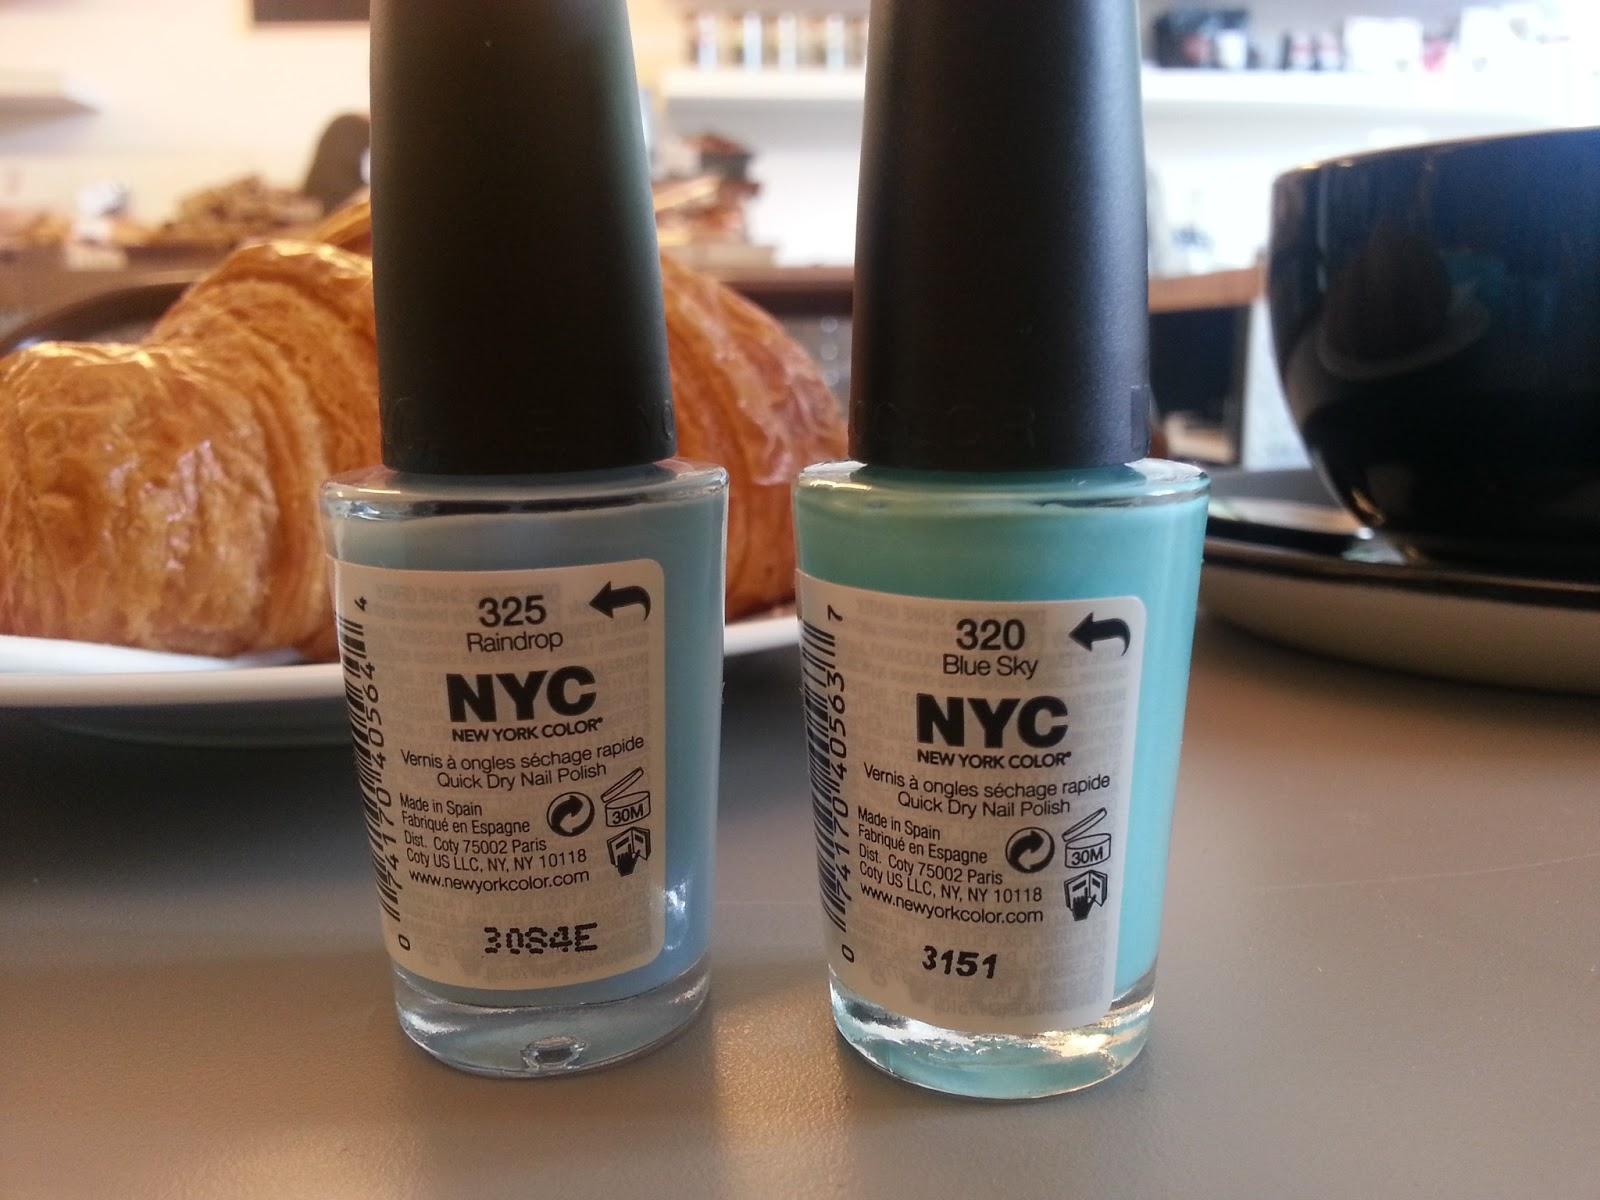 Breakfast with my Tiffany nails: NYC nail polish